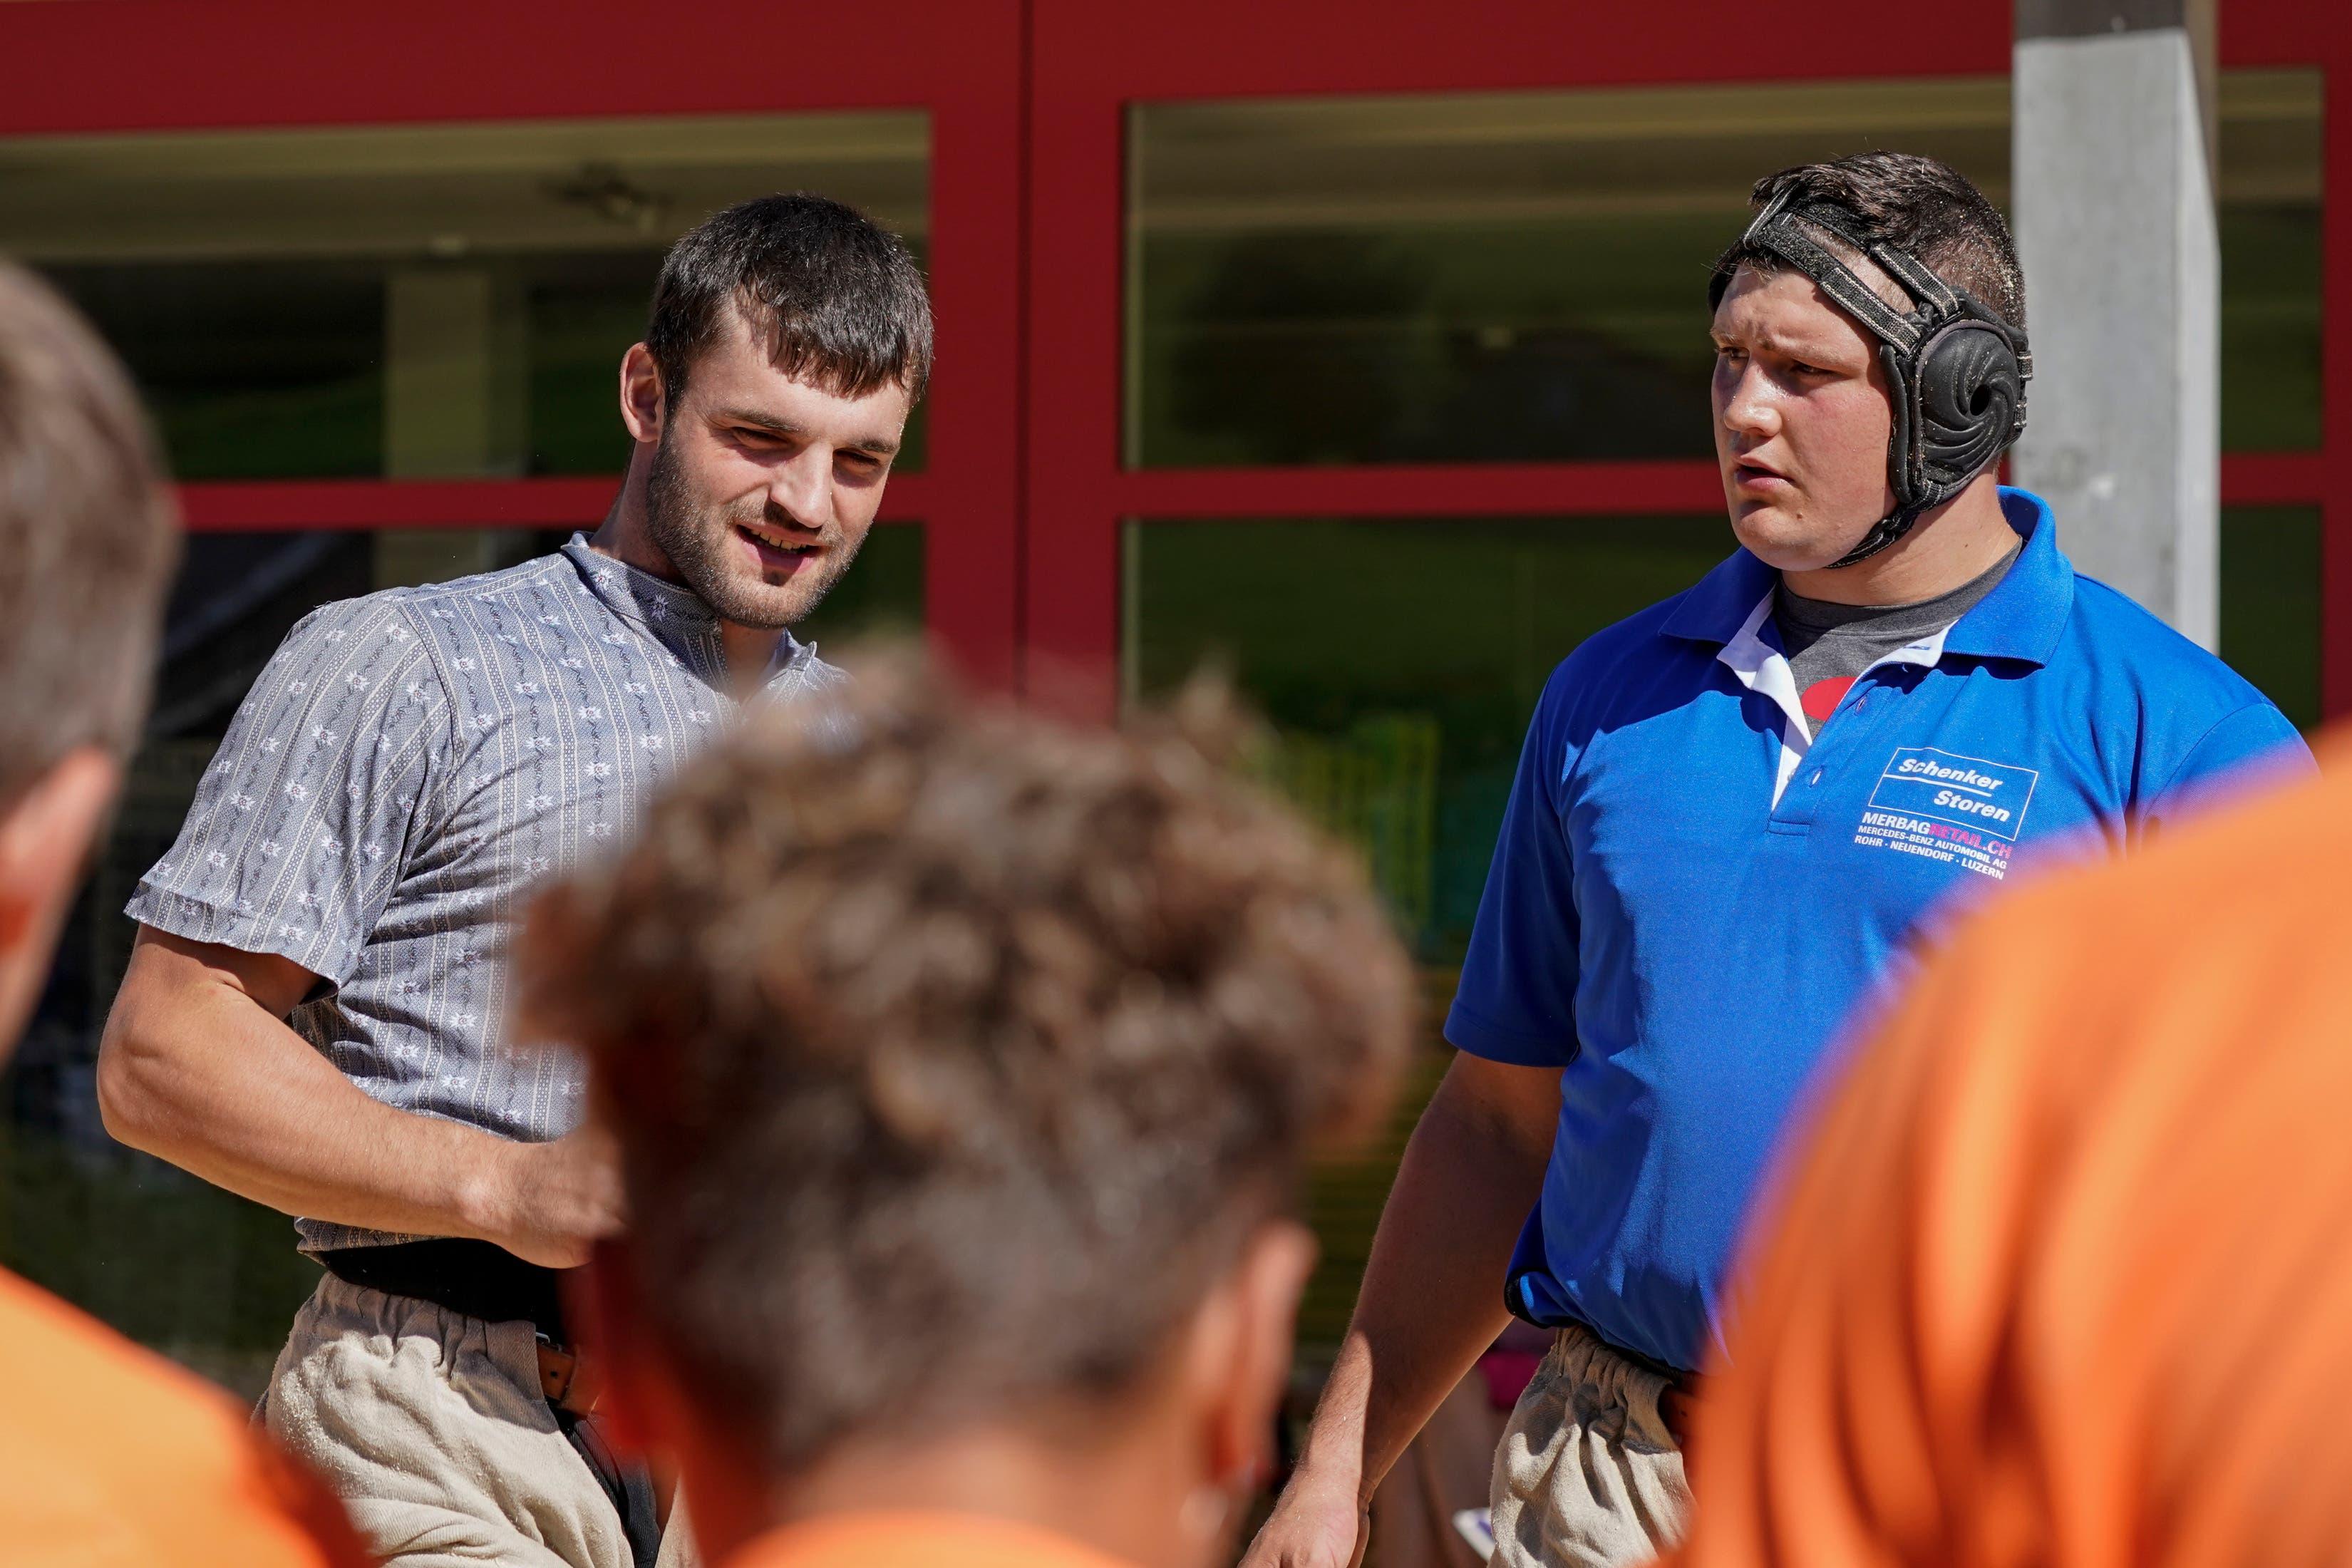 David Schmid (l.) und Nick Alpiger erklären den jungen Schwingern, wie man besser wird. Königscamp